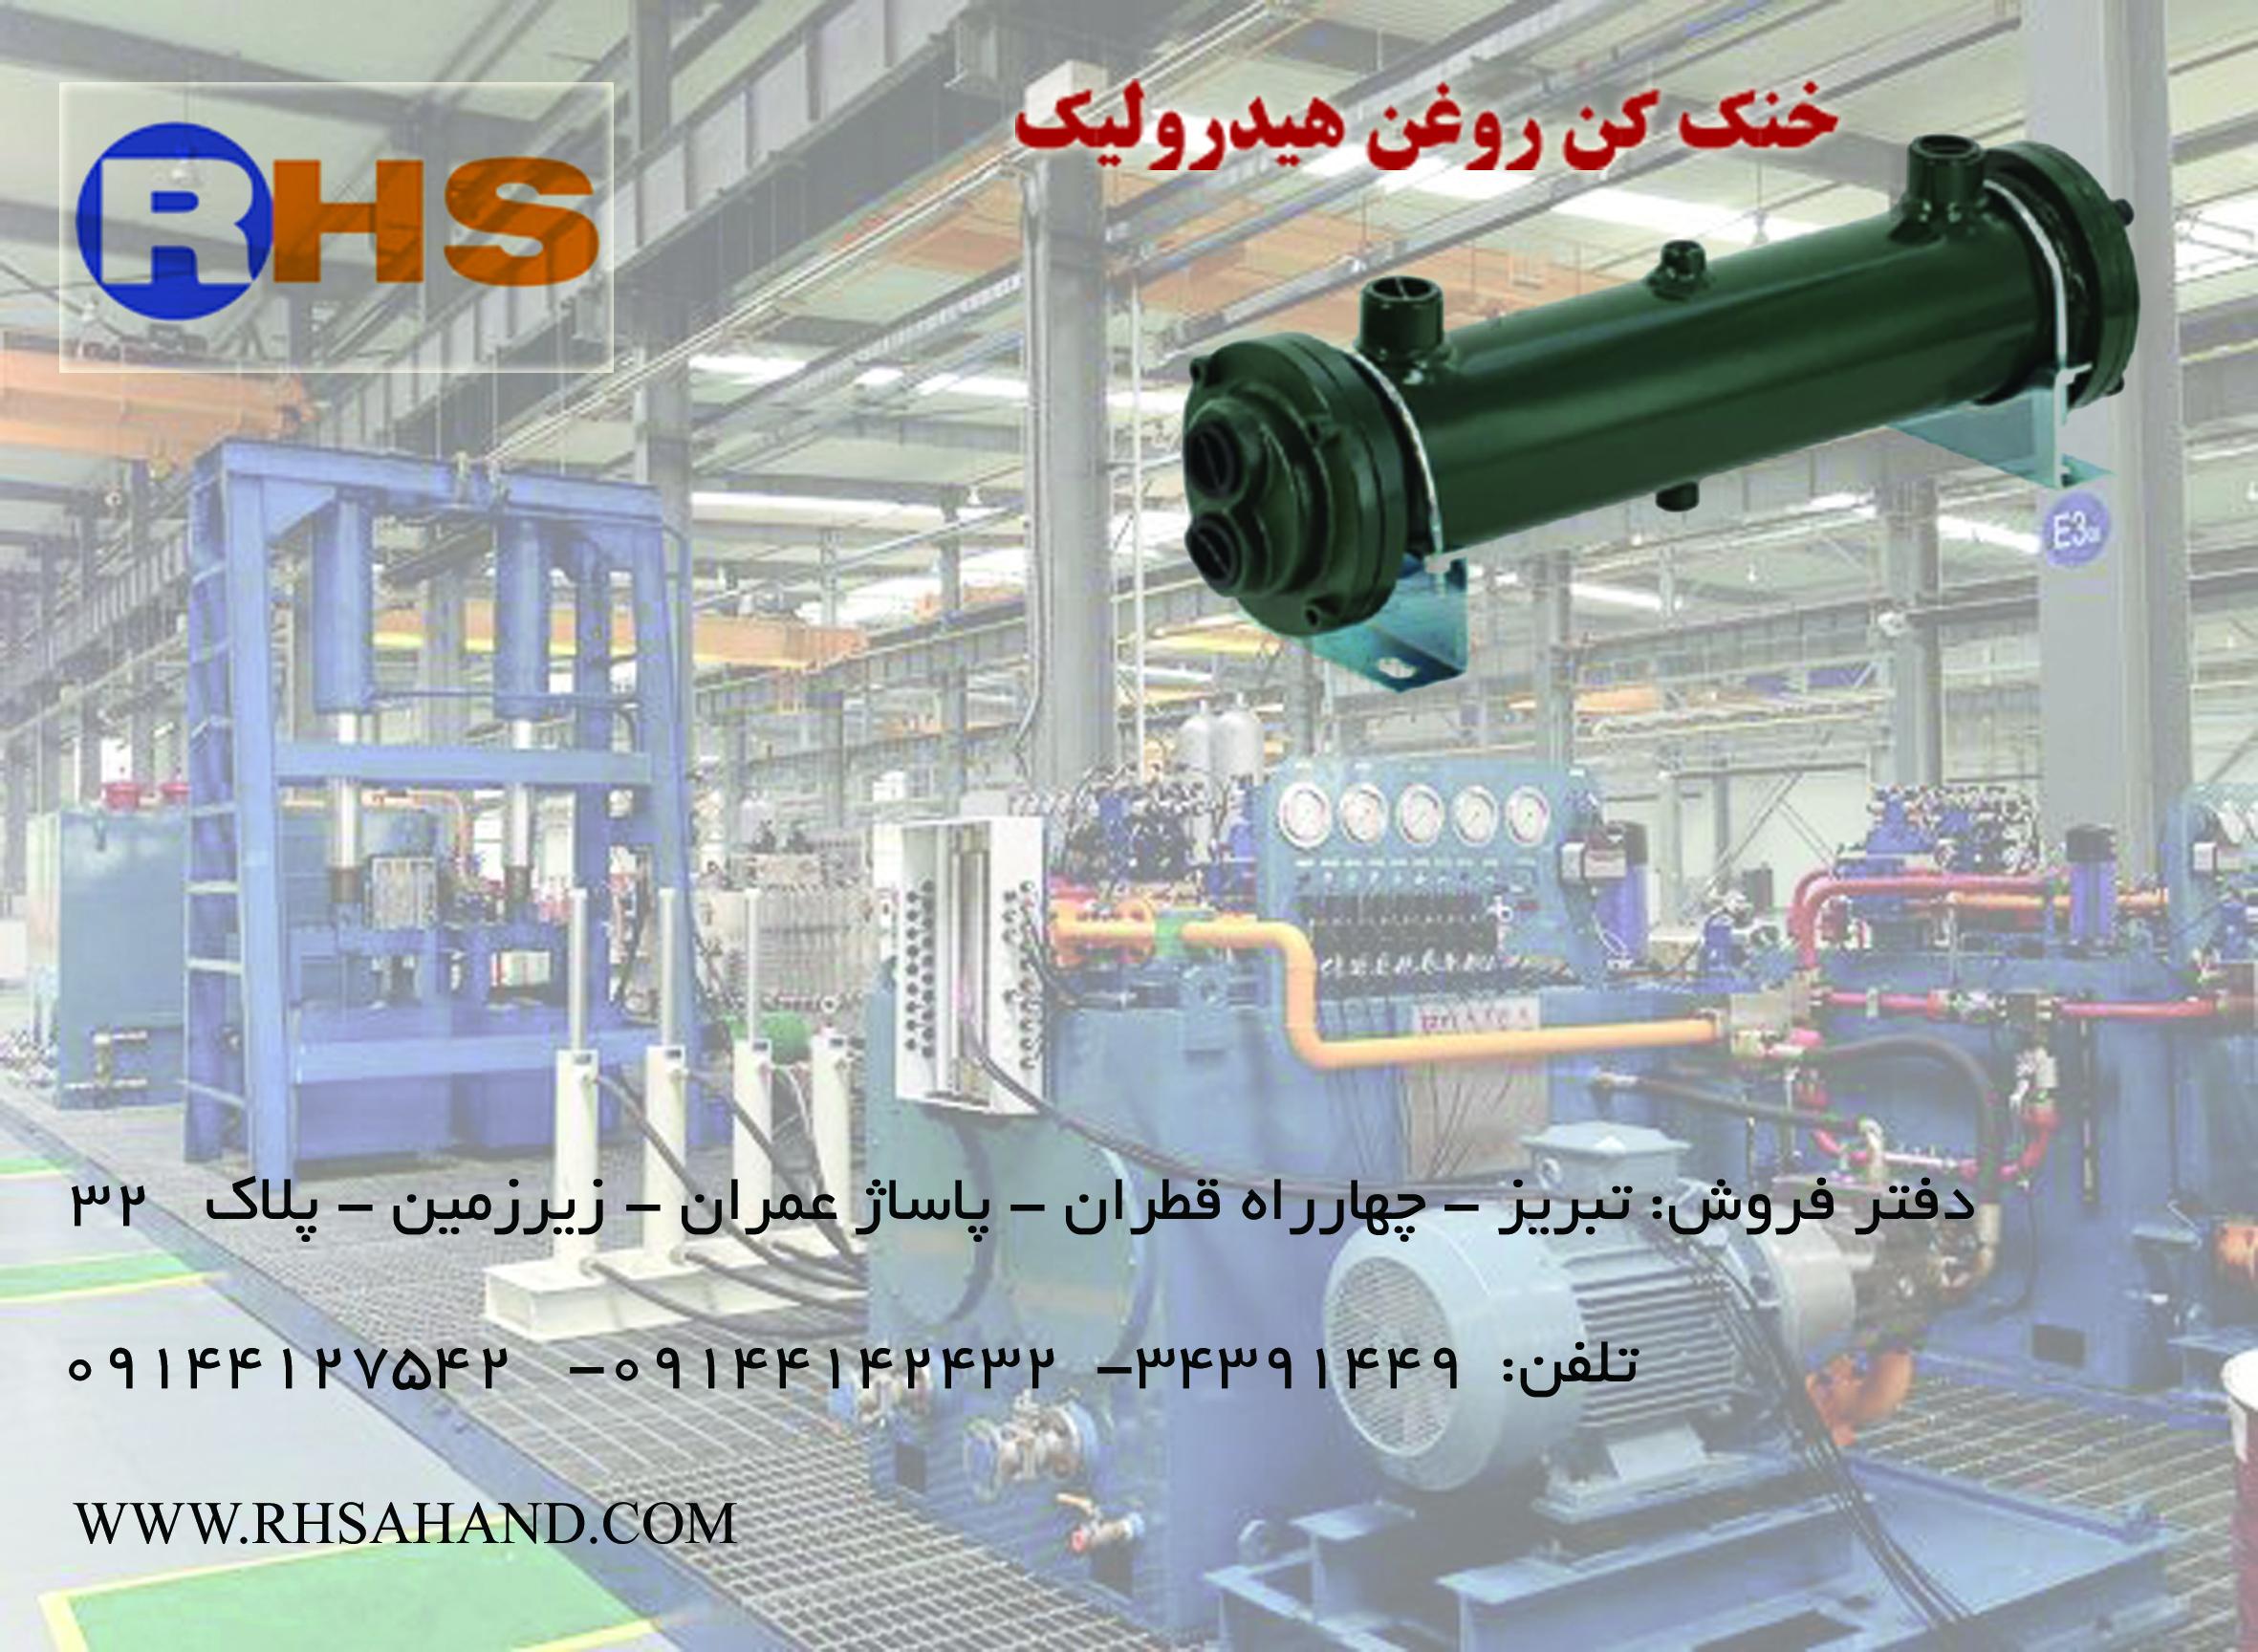 خنک کننده هیدرولیک – تولید و فروش